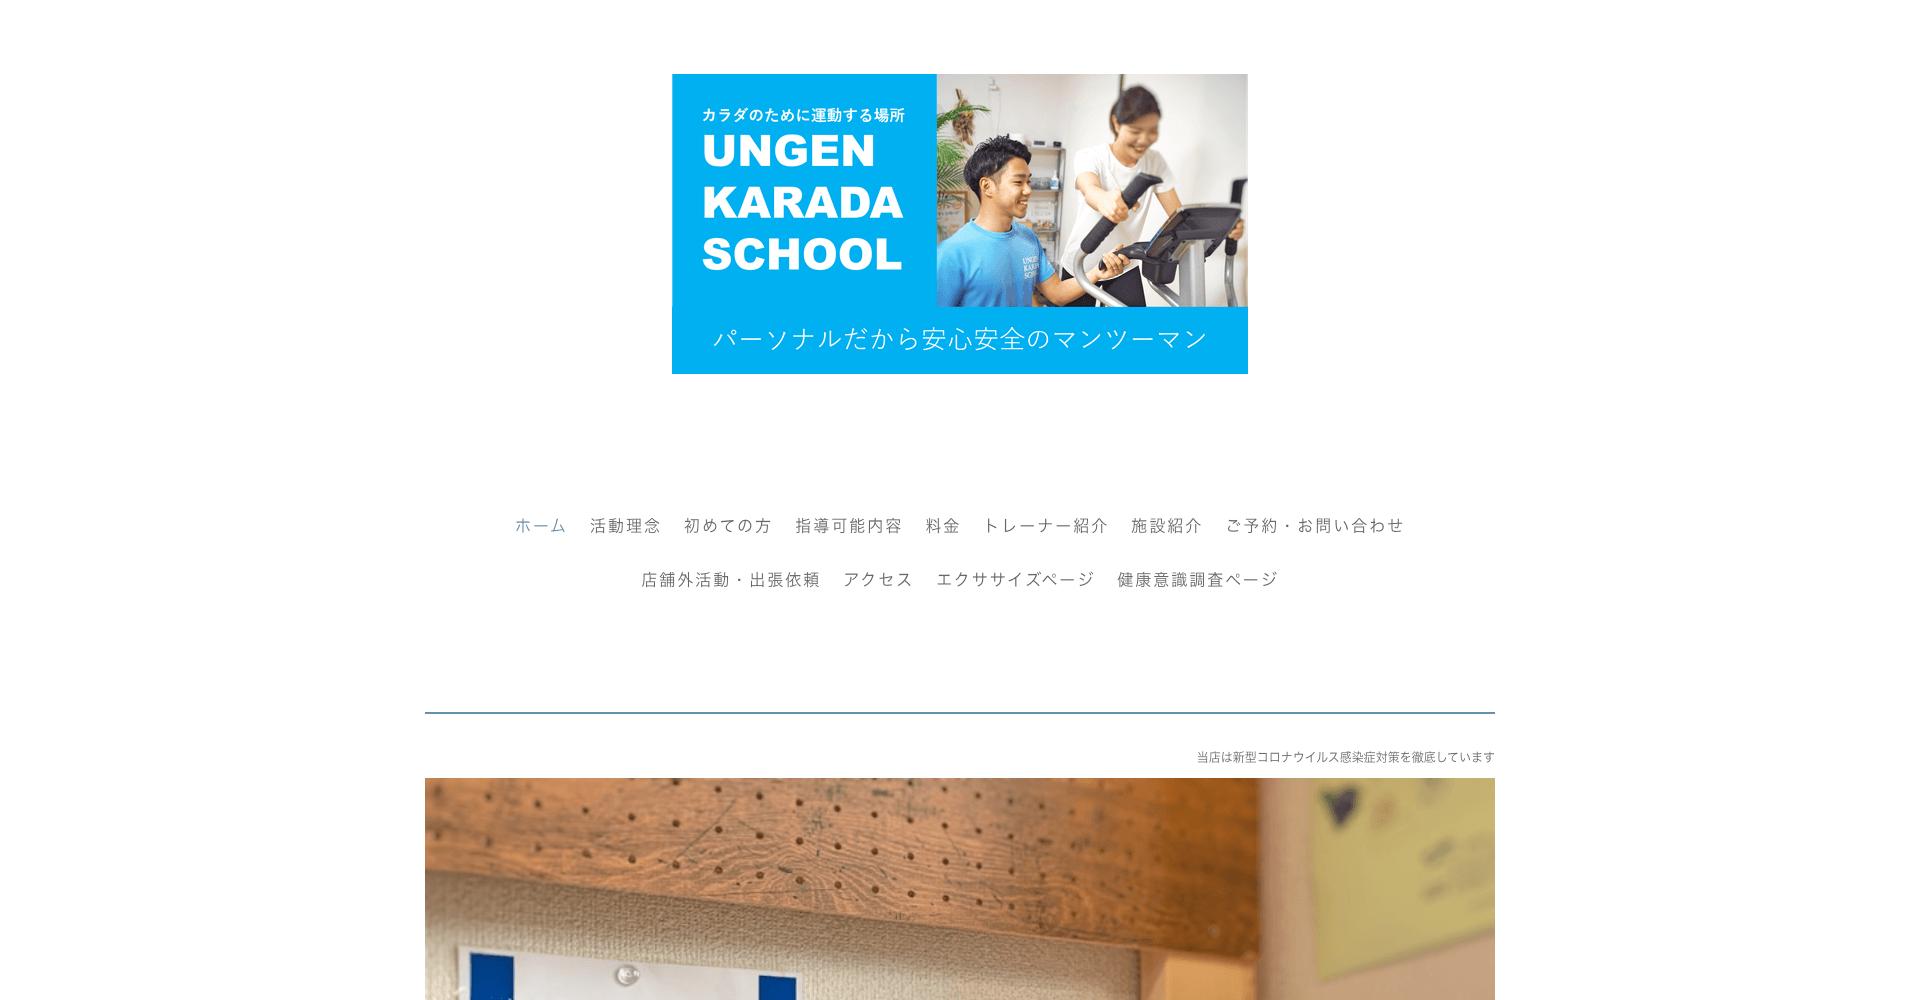 UNGEN KARADA SCHOOL